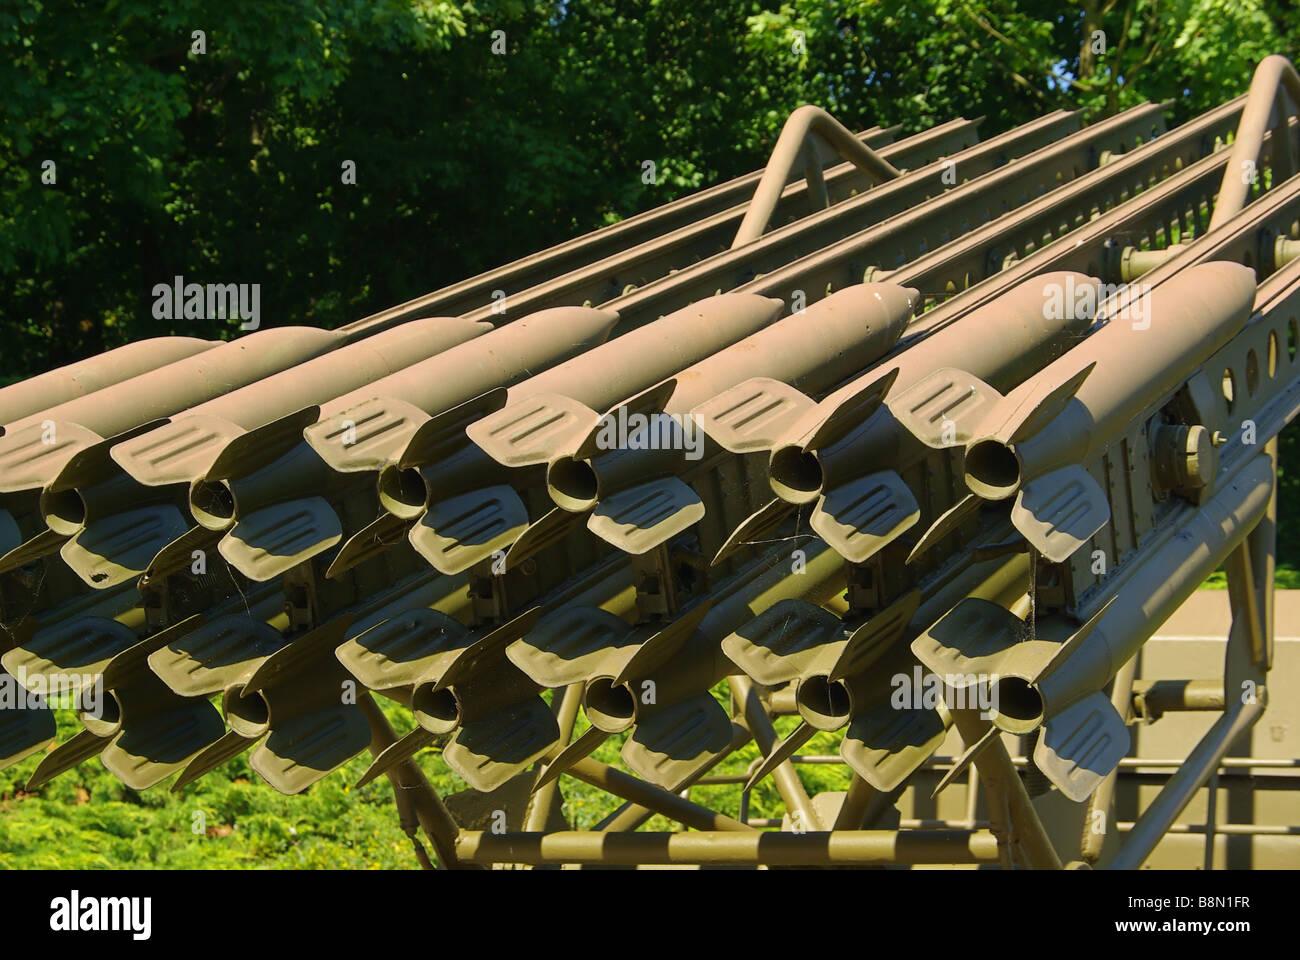 Katjuscha Katyusha rocket launcher 01 - Stock Image